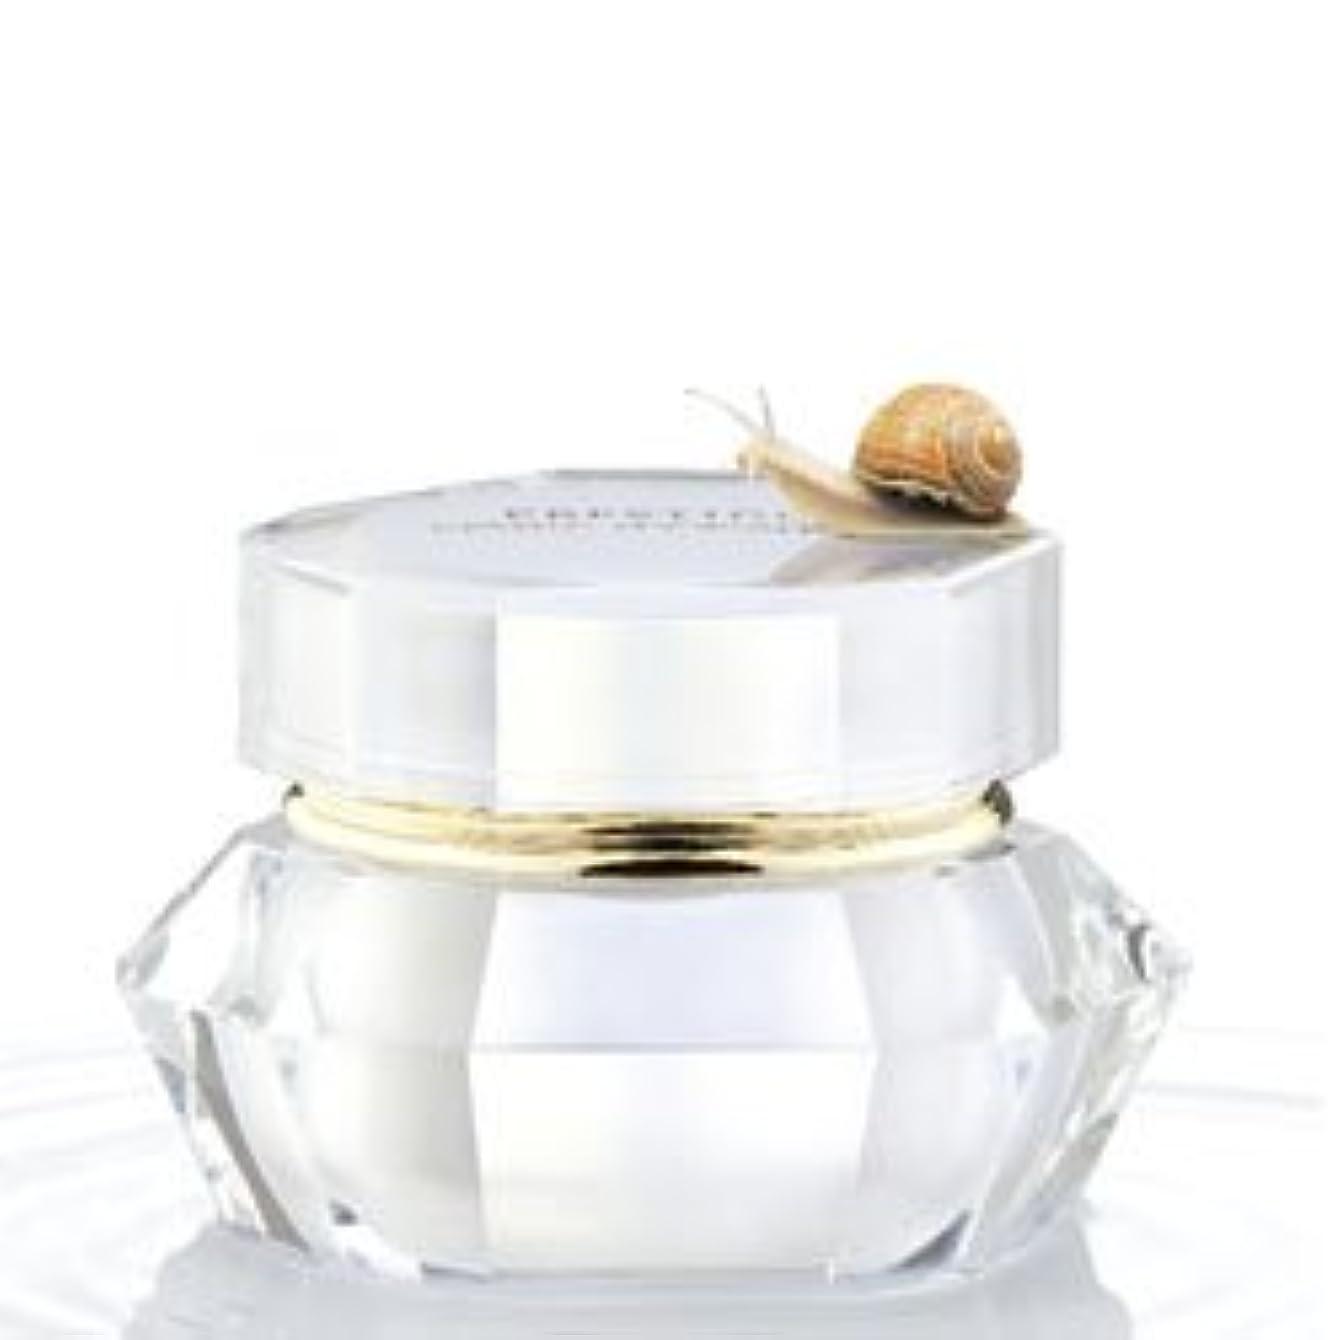 成功する教授重力イッツスキン プレステージ エスカルゴ カタツムリ クリーム(60ml×1点)It's Skin Prestige Snail Escargot Cream